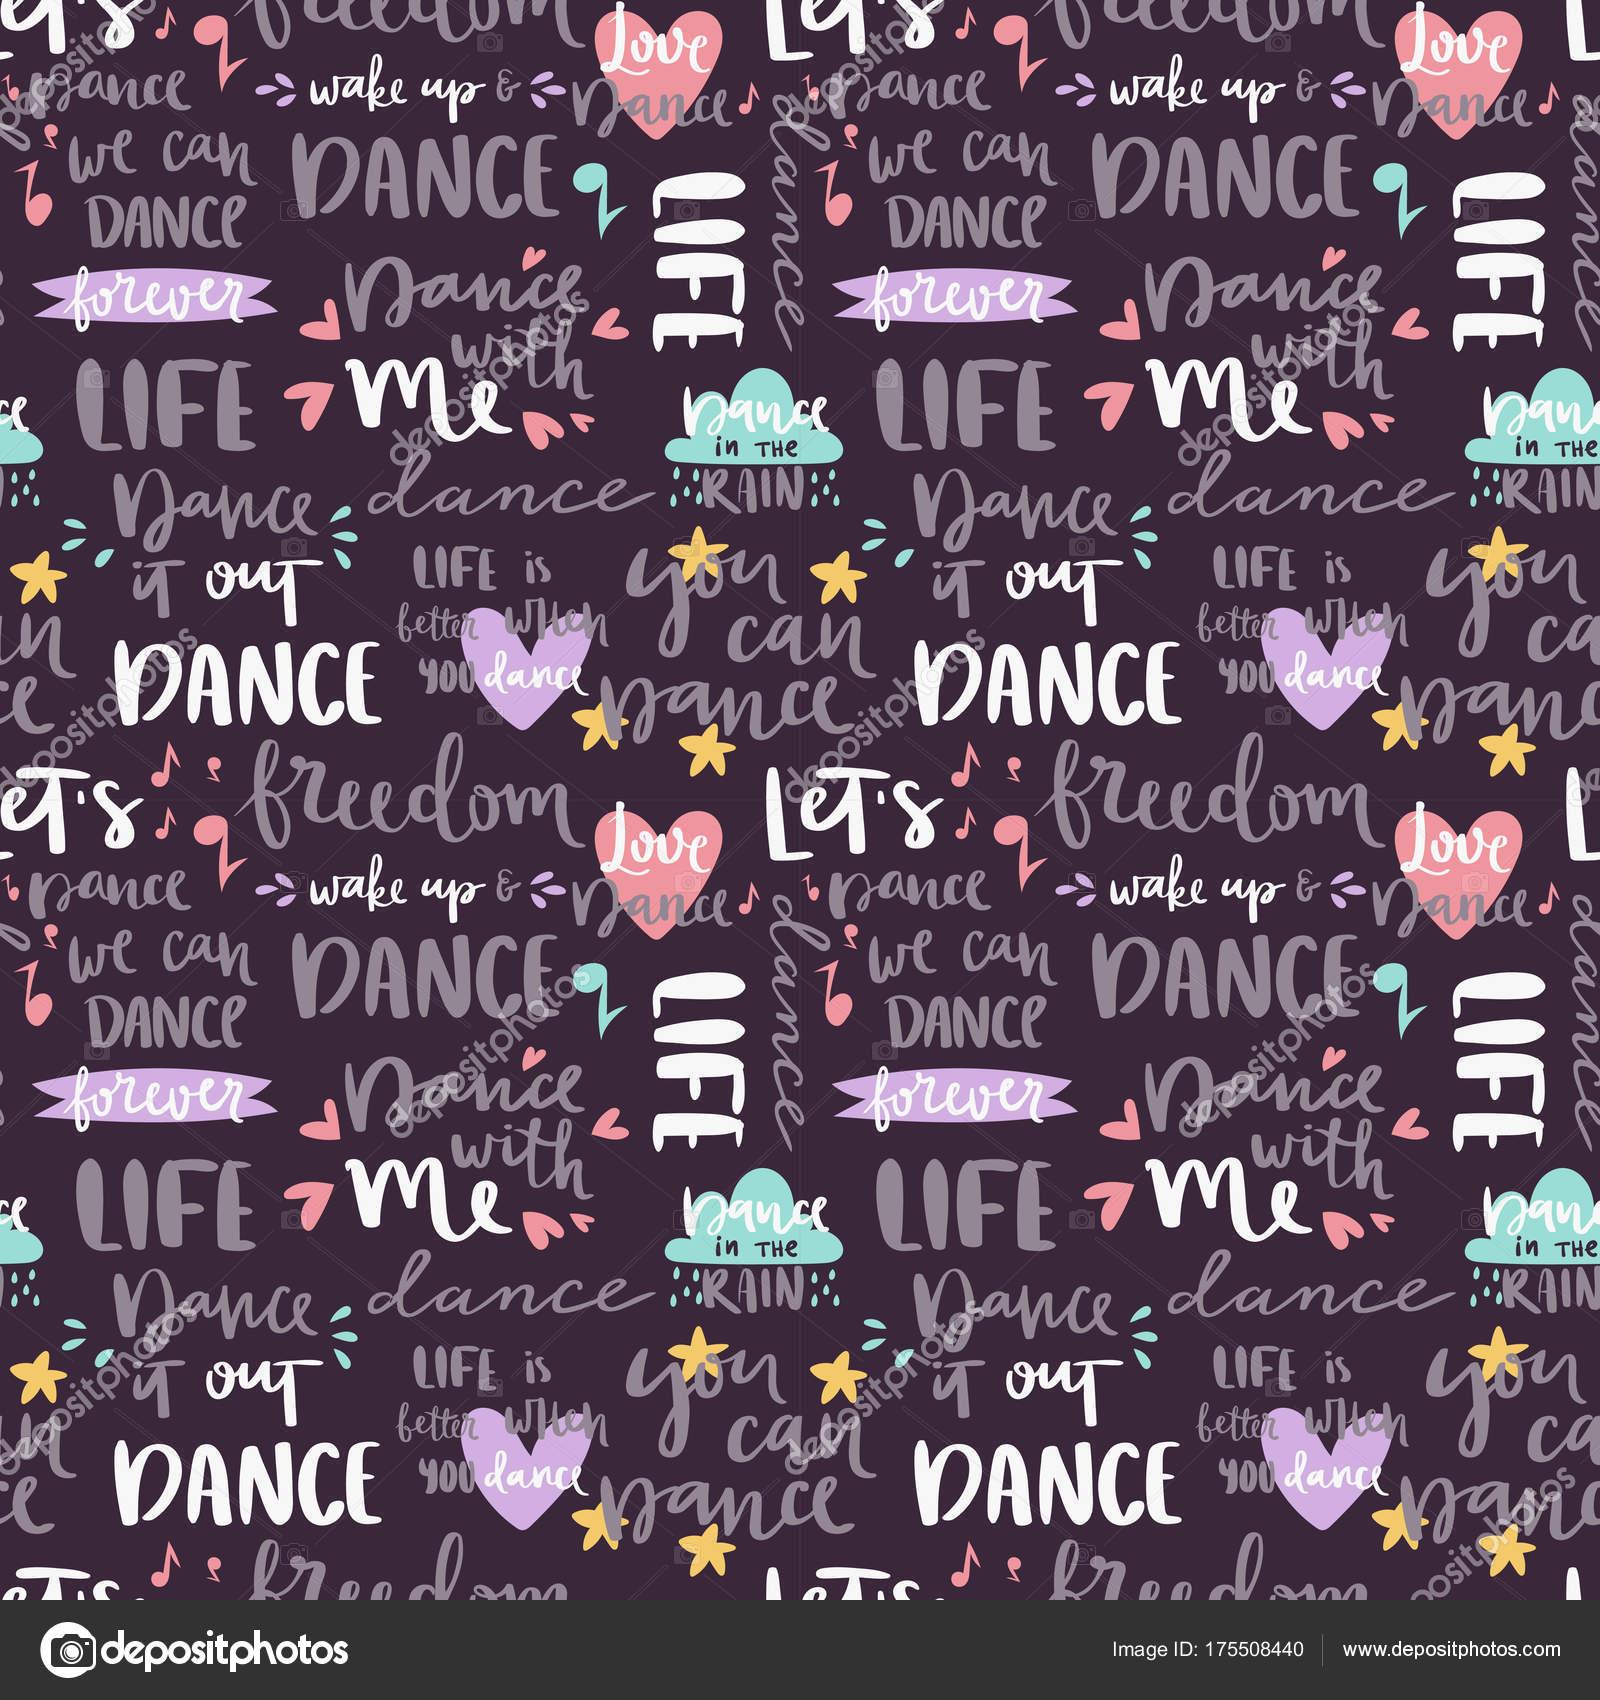 Imágenes Dj Con Frases Handdrawn Letras Amor Danza Y Música Citar